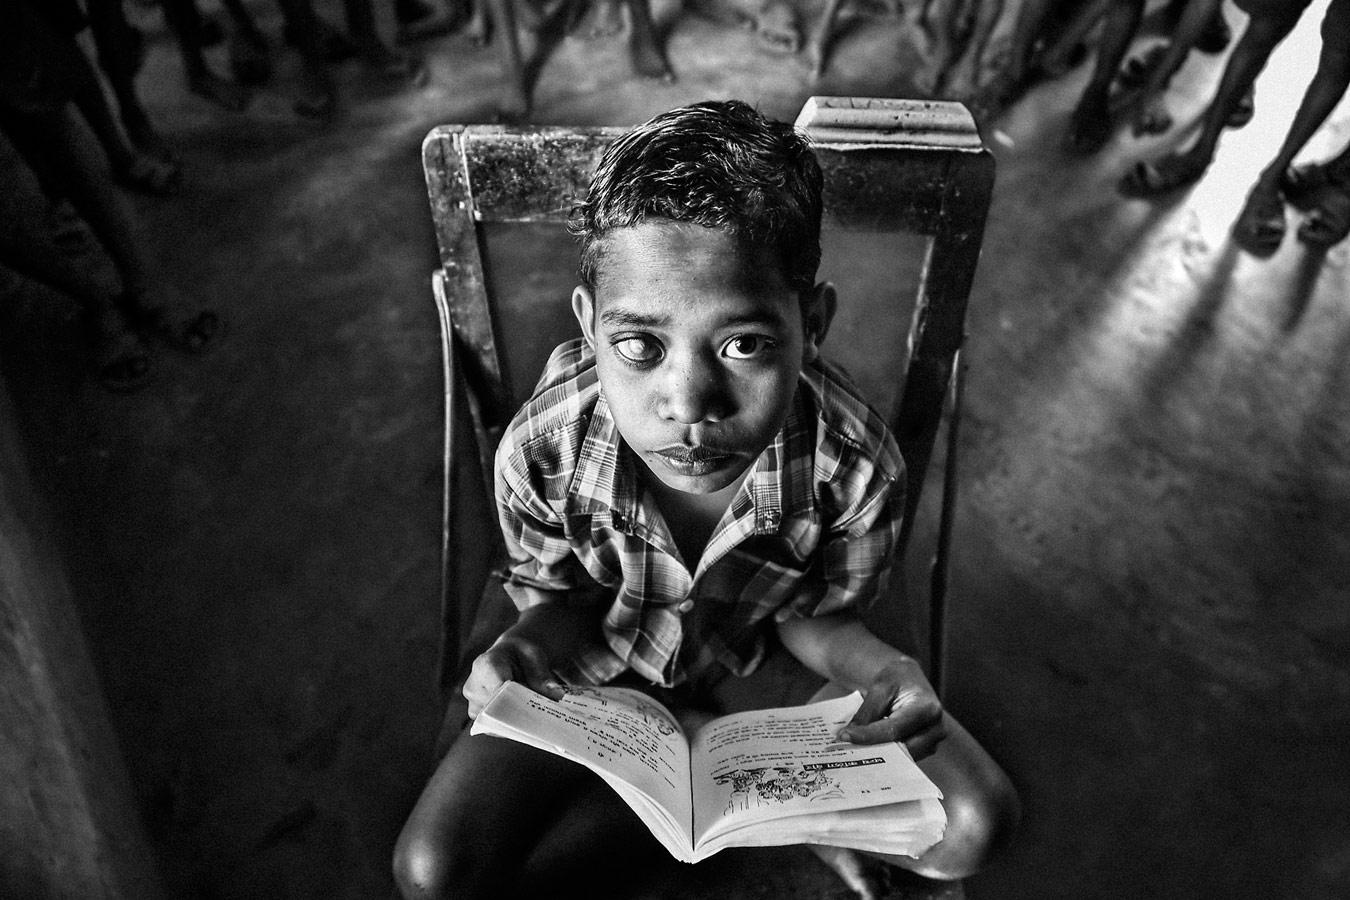 © Хосе Луис Морено, Победитель II премии Халона Анхеля 2016 года в жанре «Портрет», Конкурс фотографий Халона Анхеля — Jalon Angel Photography Awards